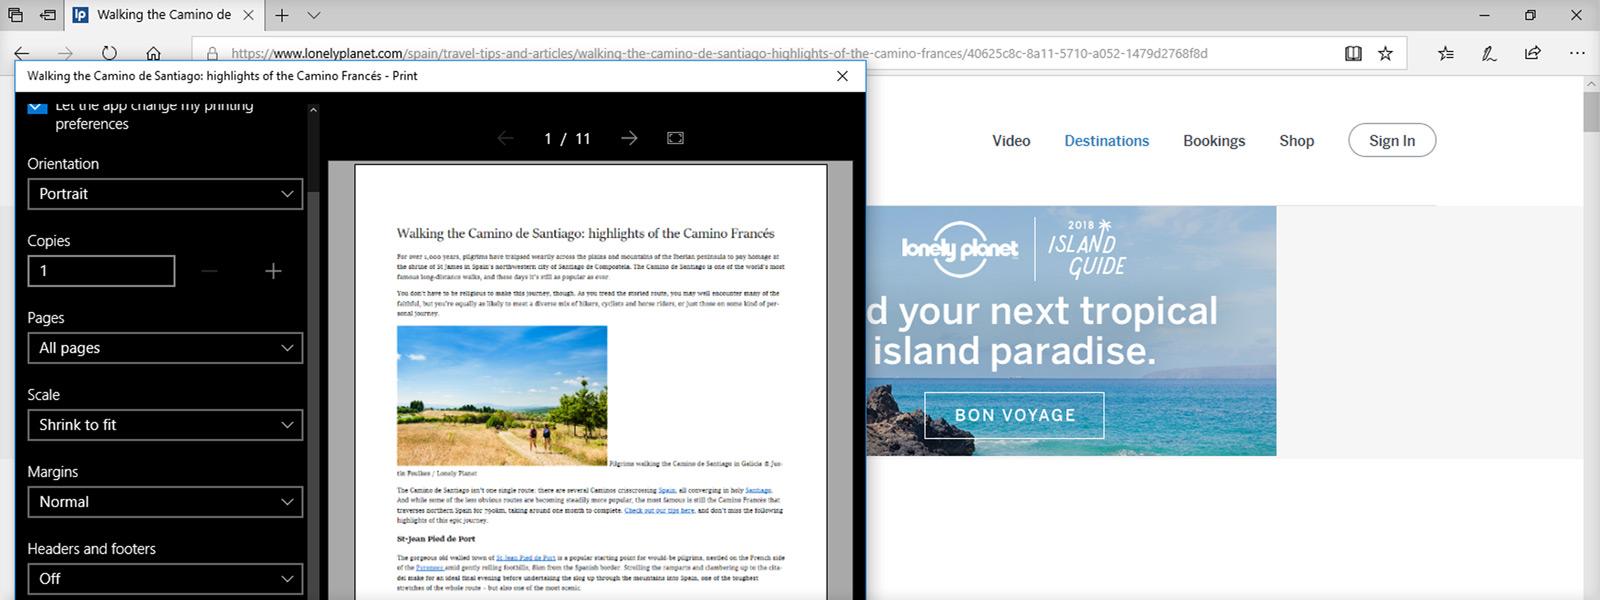 Εικόνα οθόνης που δείχνει προεπισκόπηση εκτύπωσης στον Edge χωρίς διαφημίσεις σε μια δεδομένη ιστοσελίδα